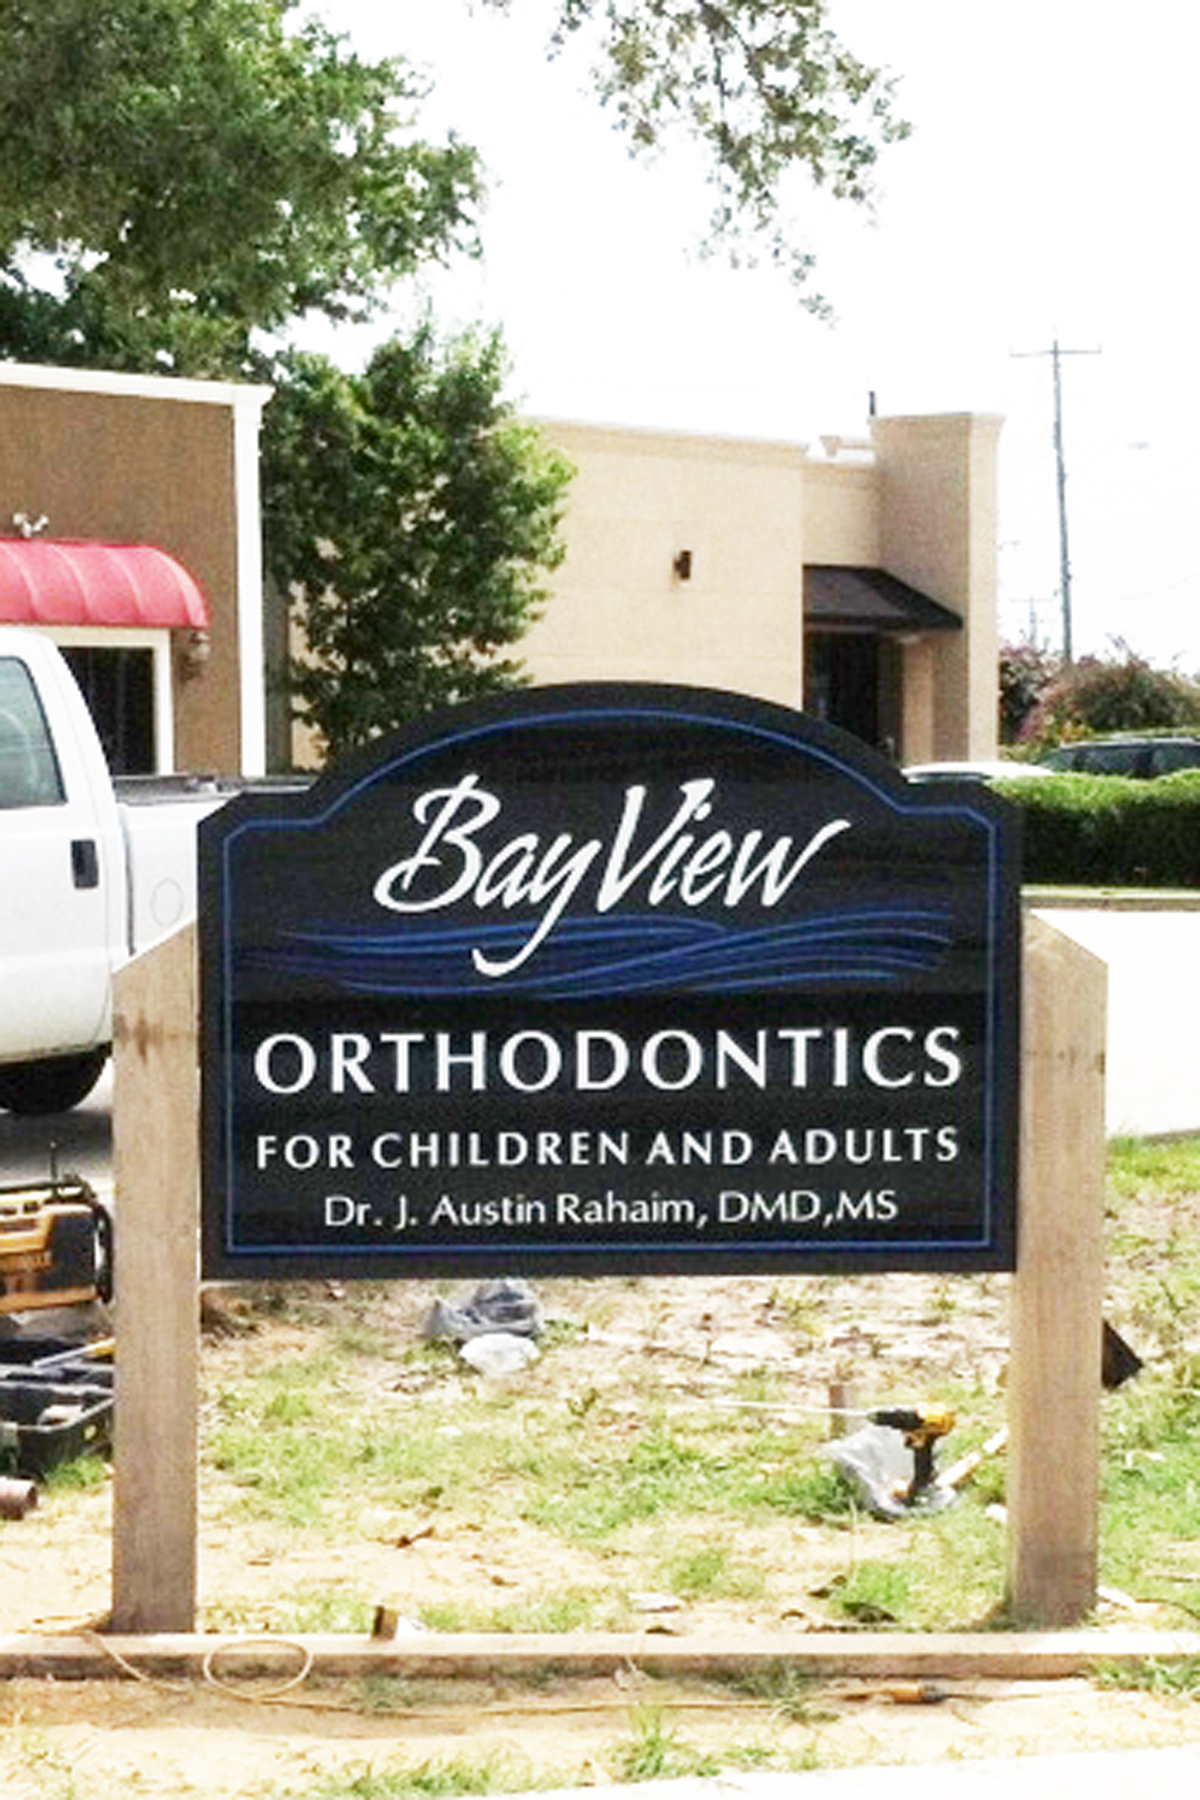 Bayview Orthodontics